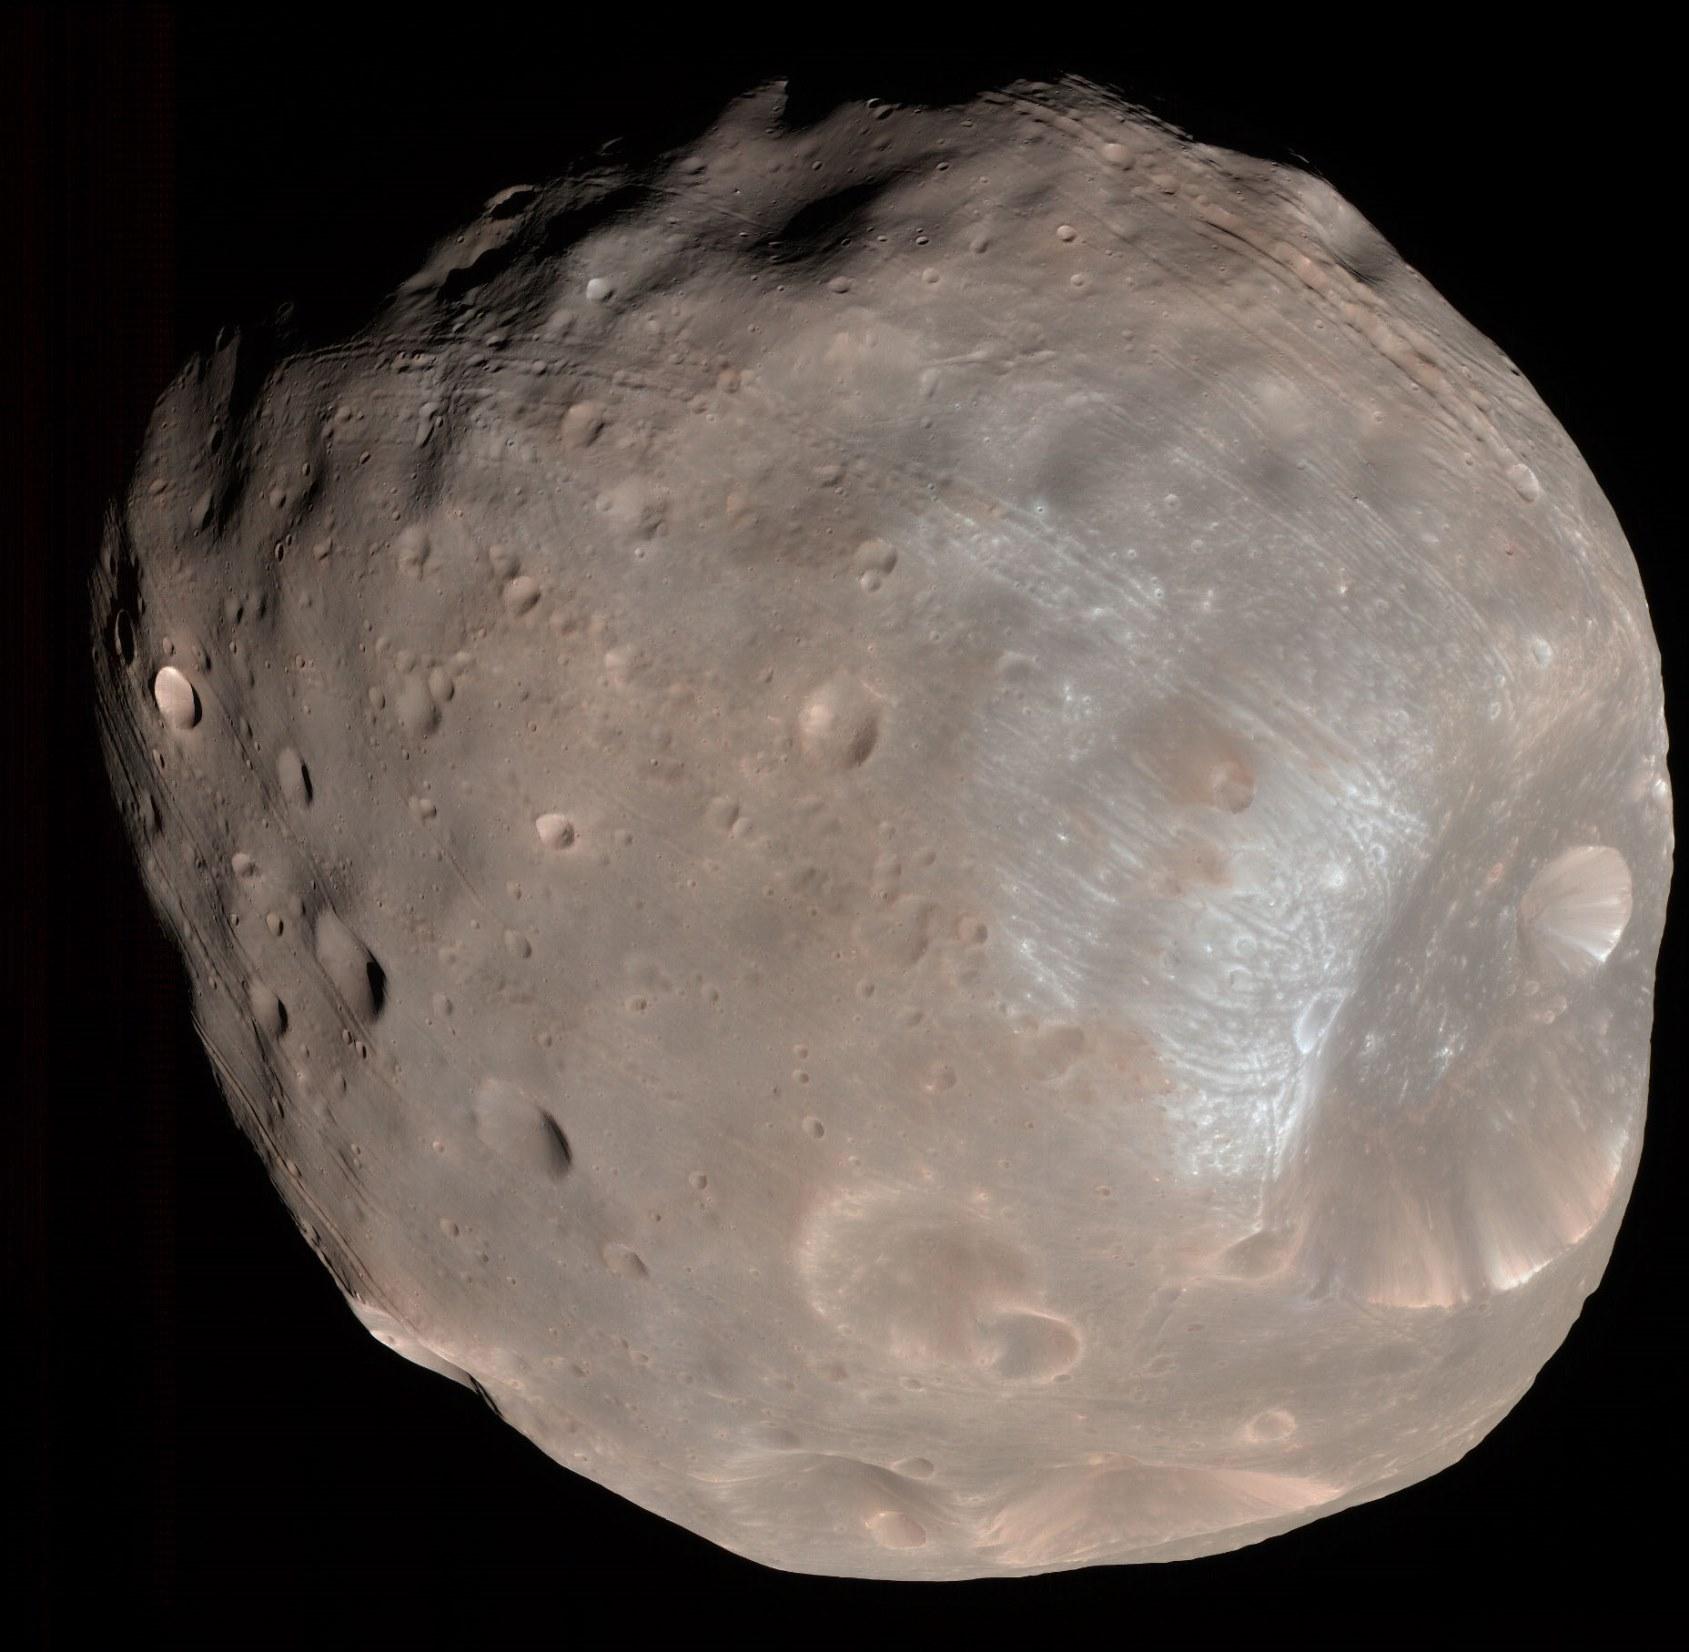 en48-satellites-of-the-terrestrial-planets_13